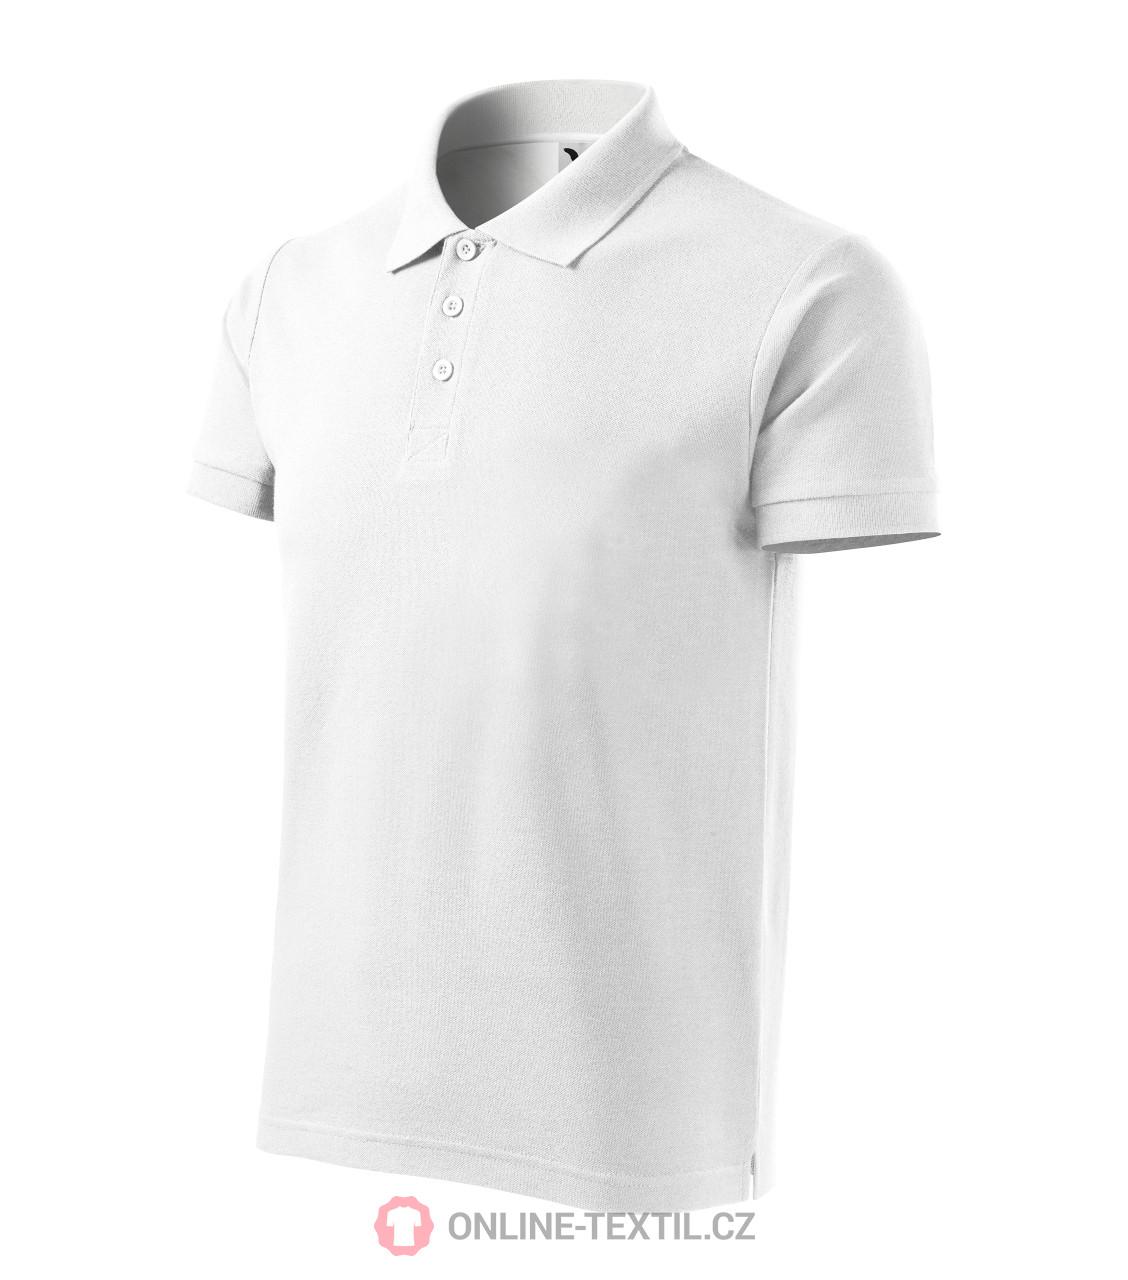 ADLER CZECH Bavlněná pánská polokošile Cotton 212 - bílá z kolekce ... 6c1551866d